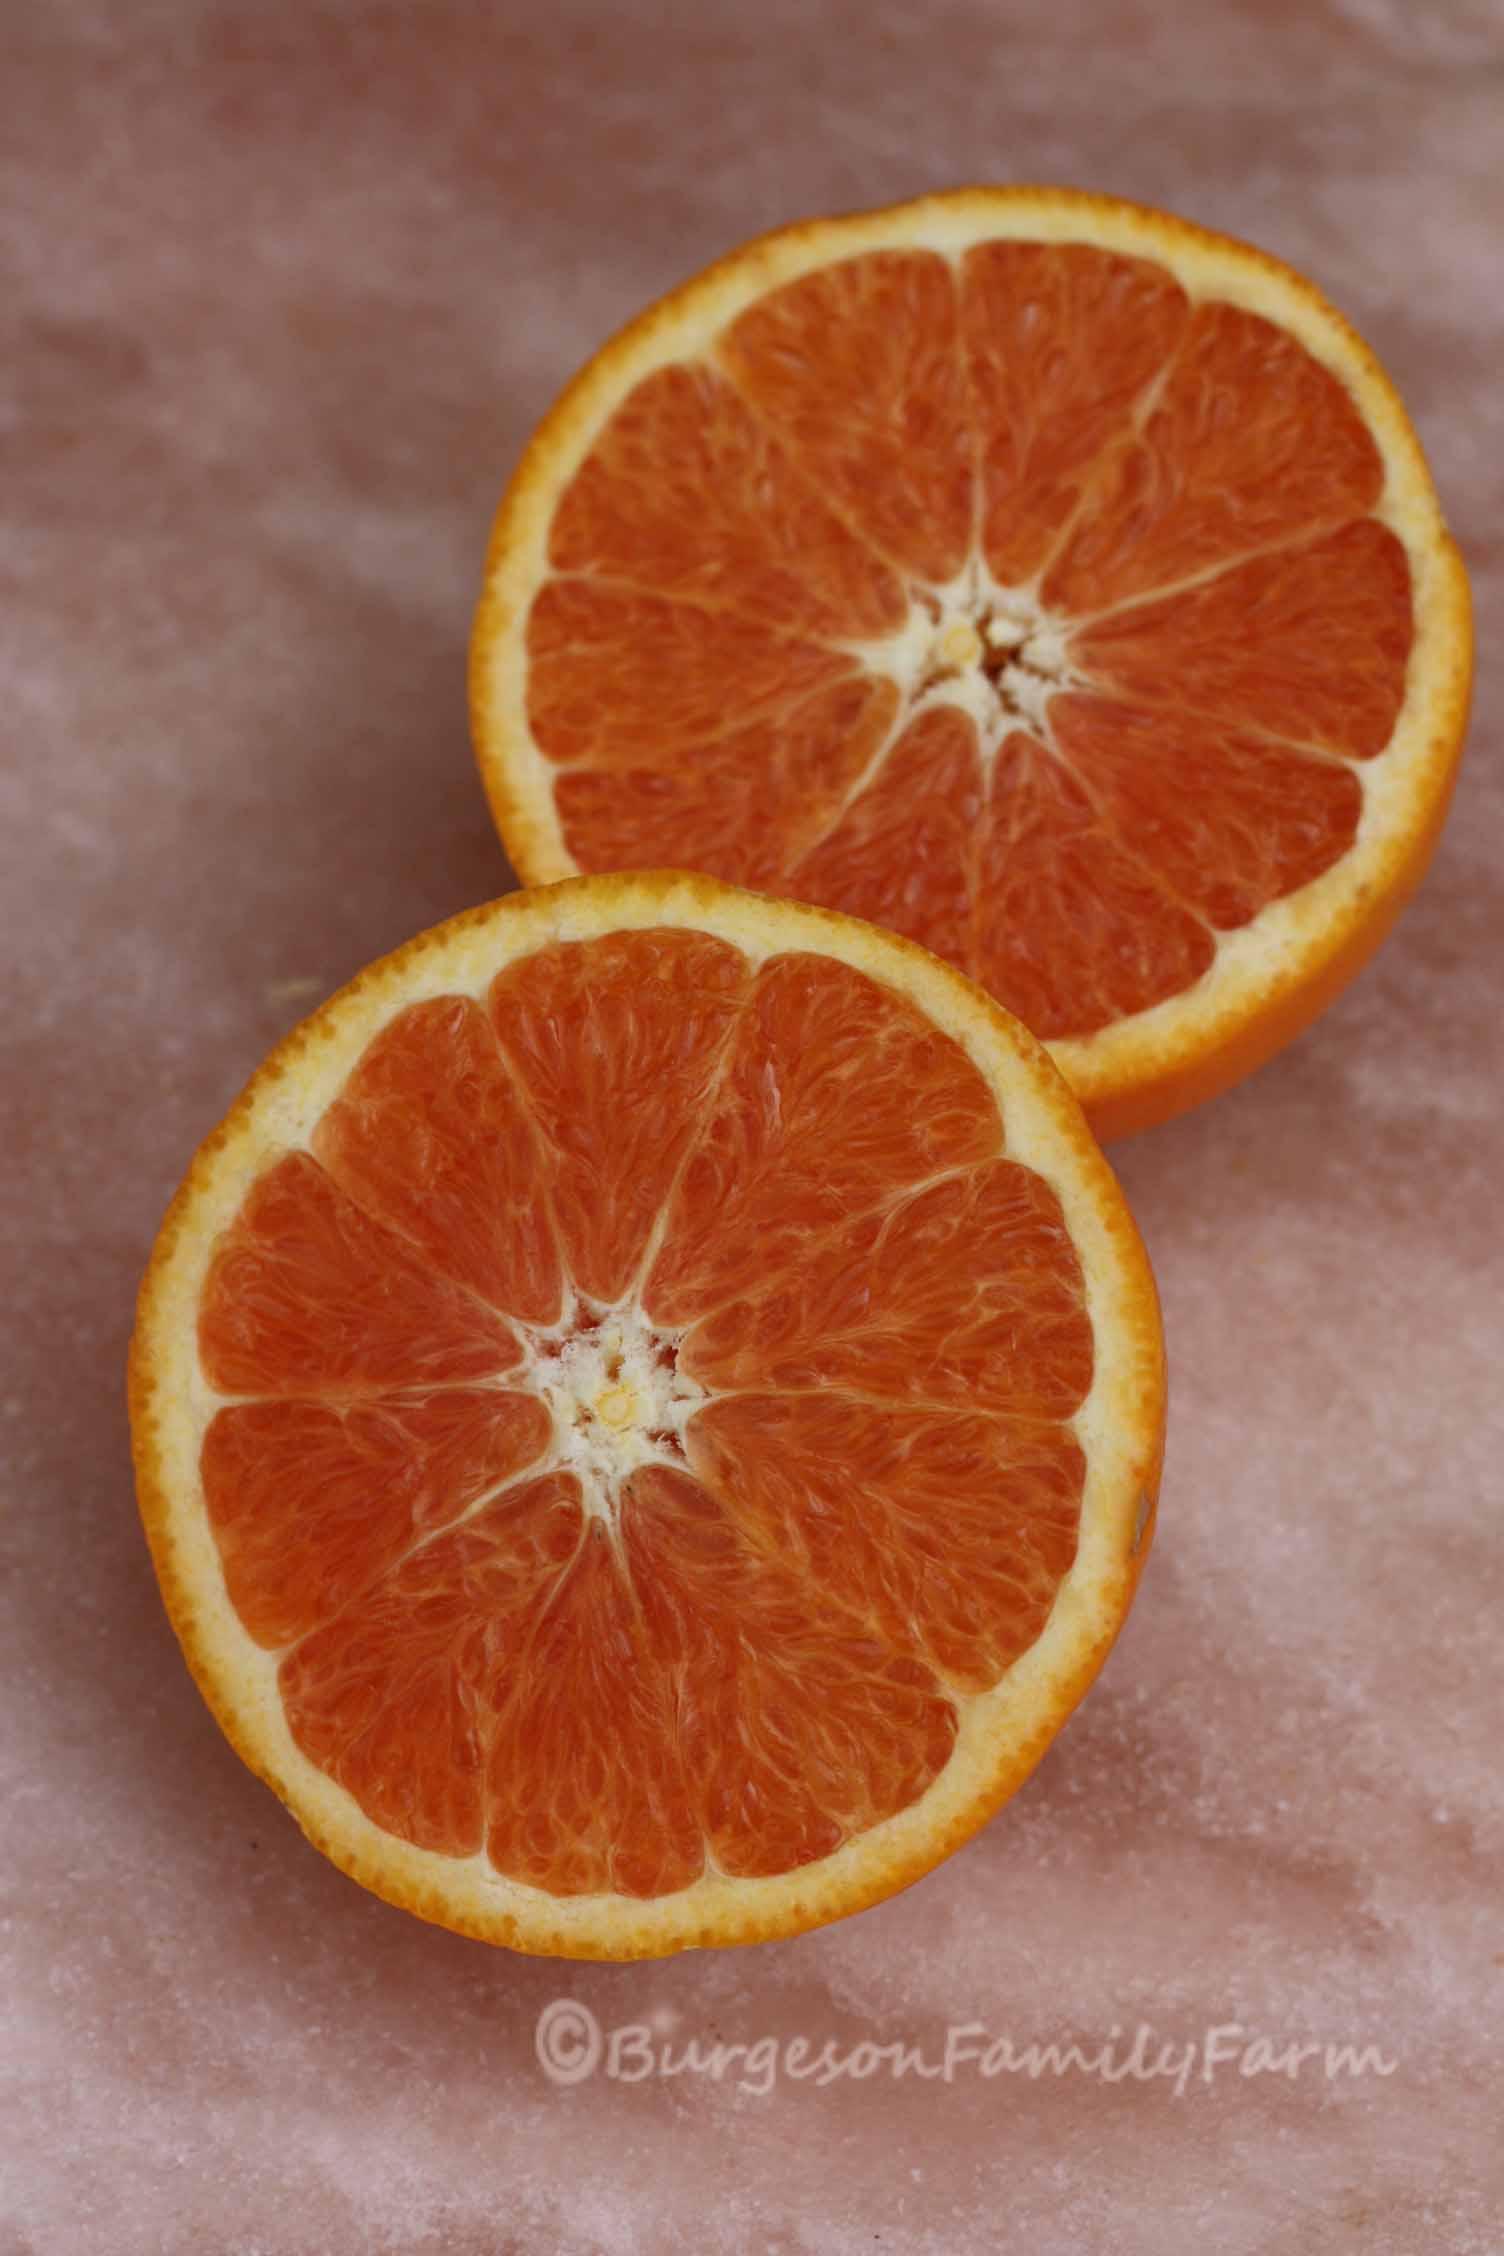 cara cara orange